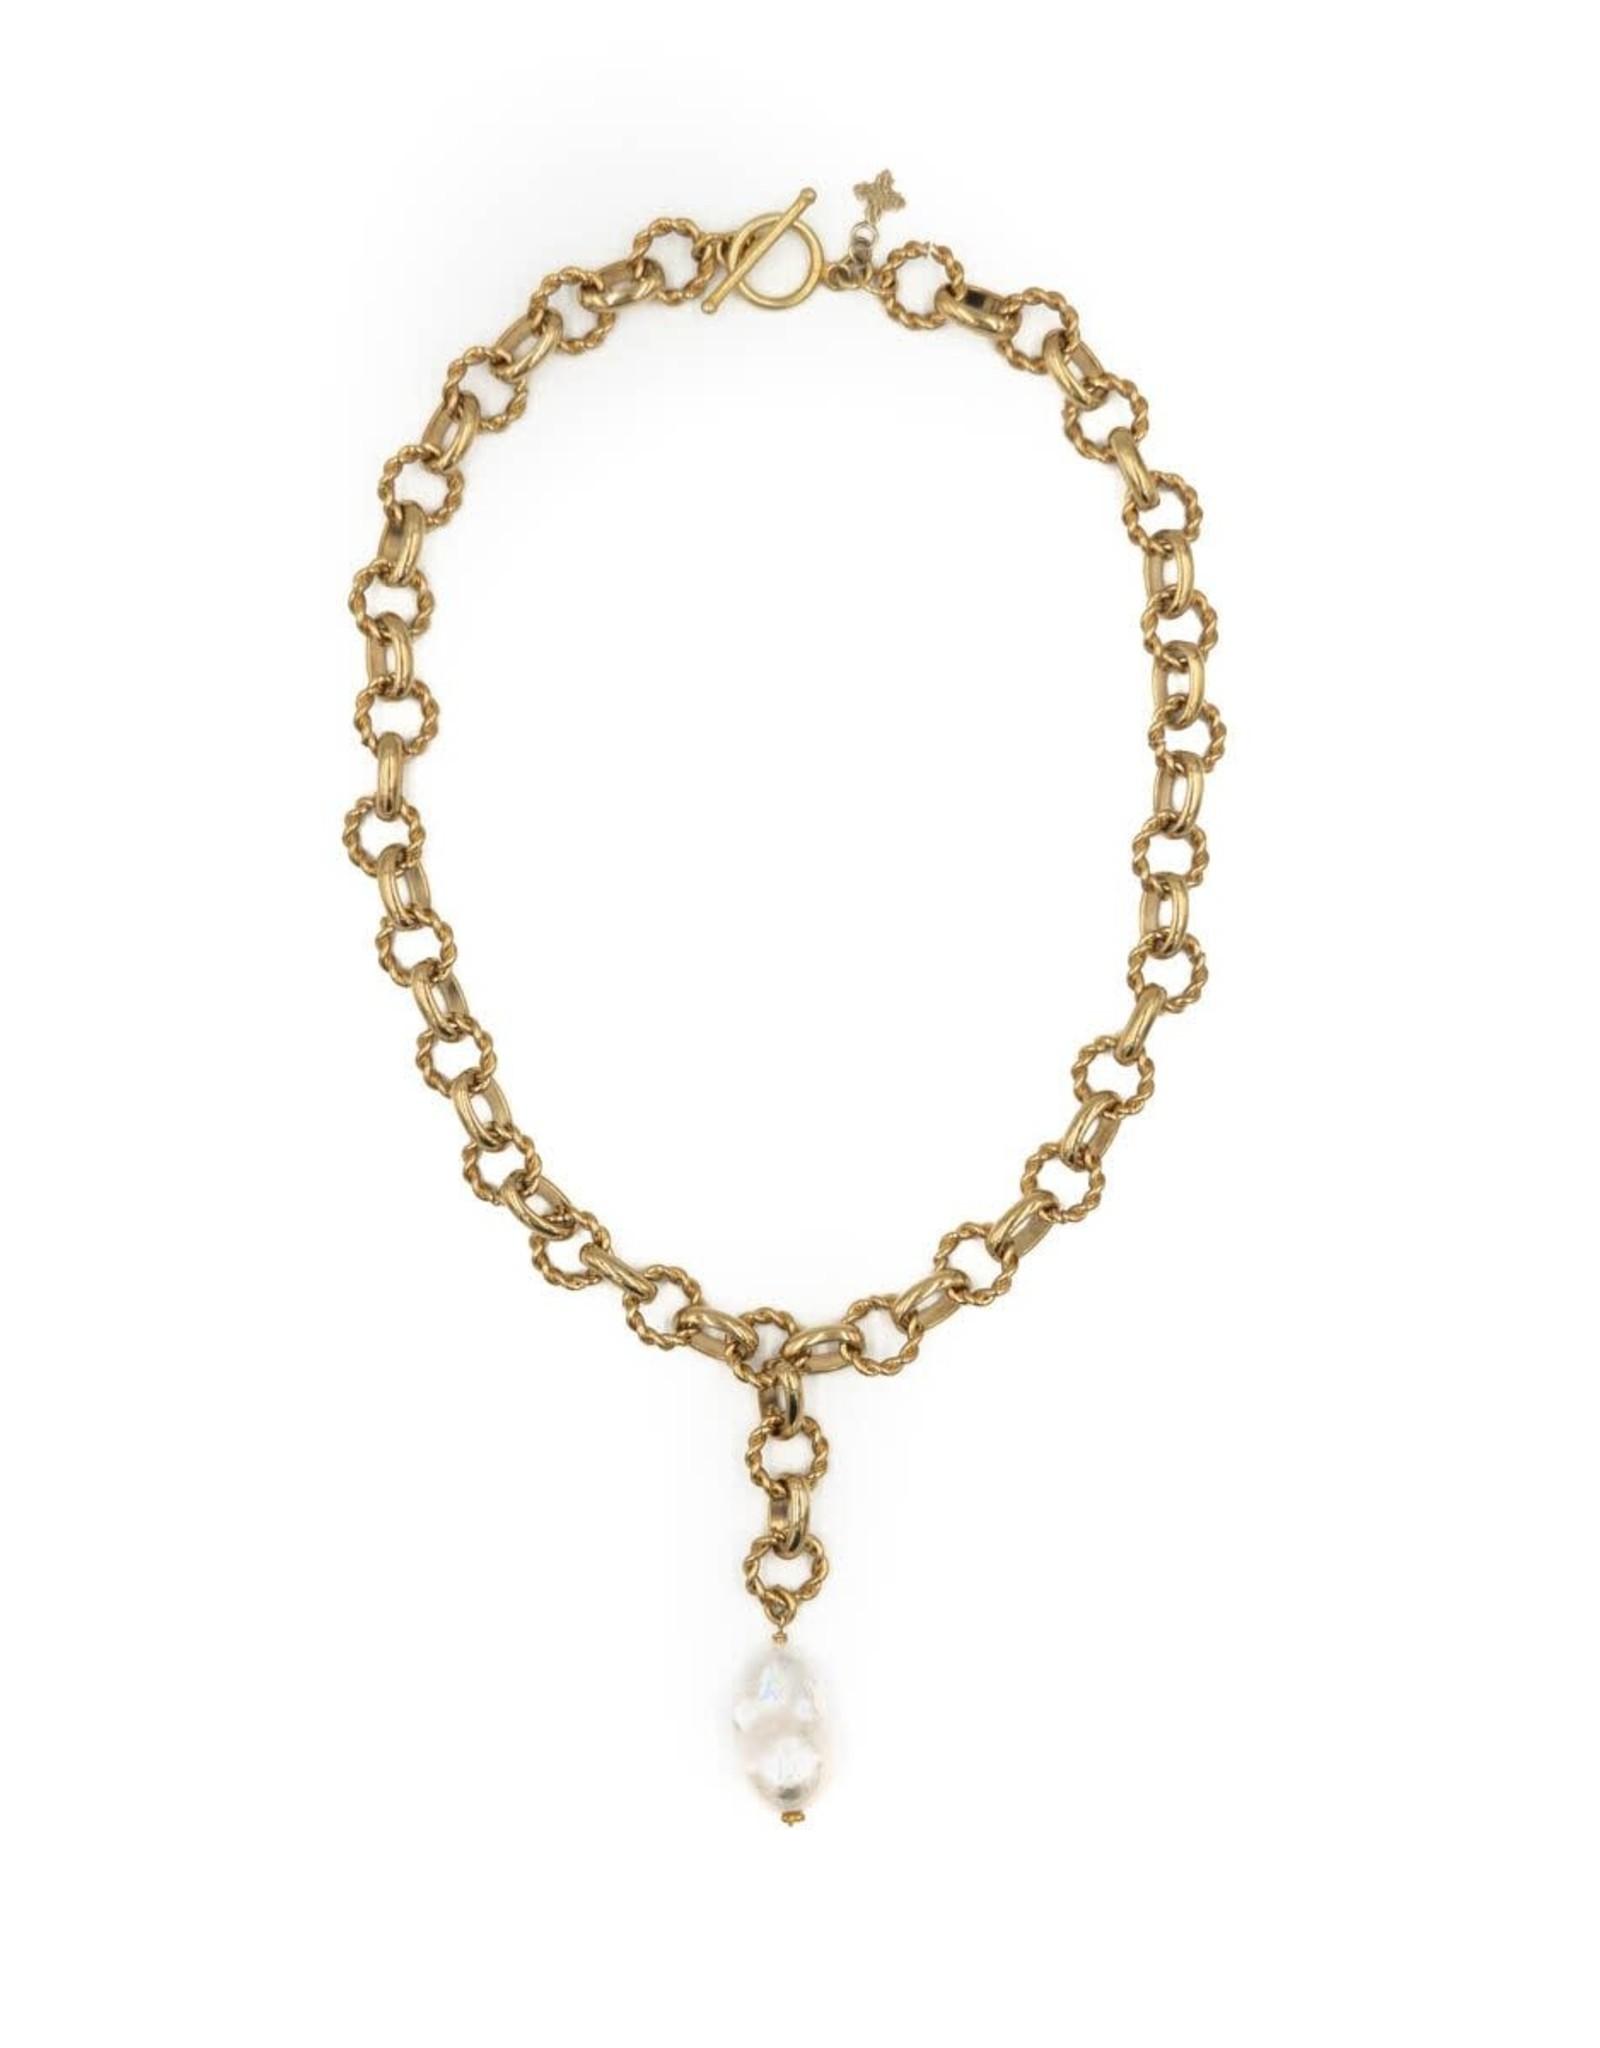 Hazen & Co. Holly Necklace